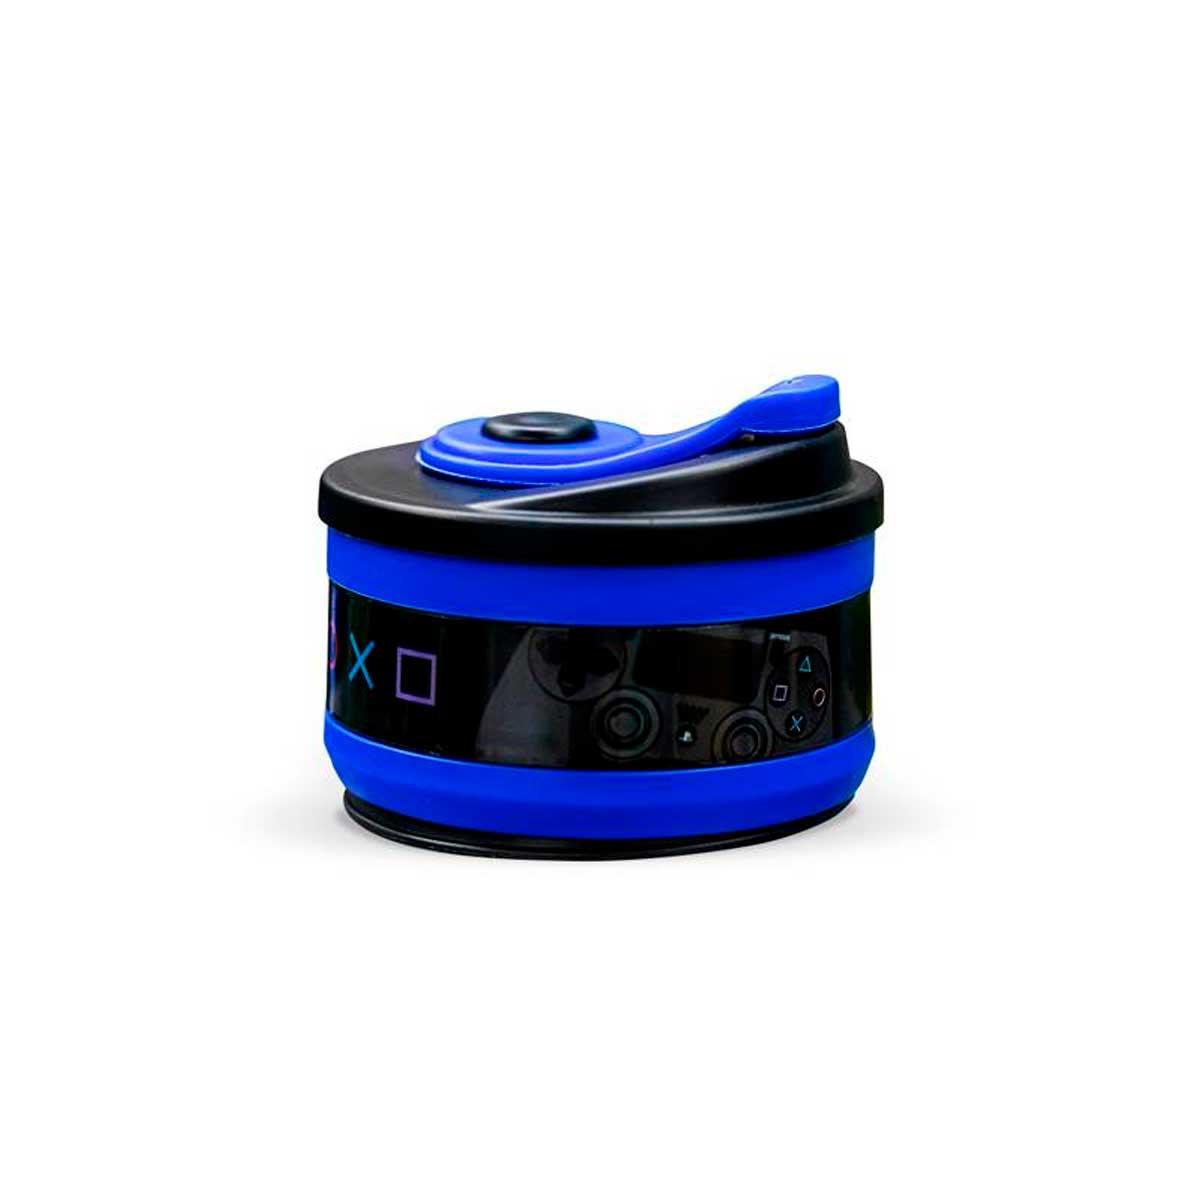 Copo Retrátil Dobrável de Silicone Playstation Azul - Presente Super